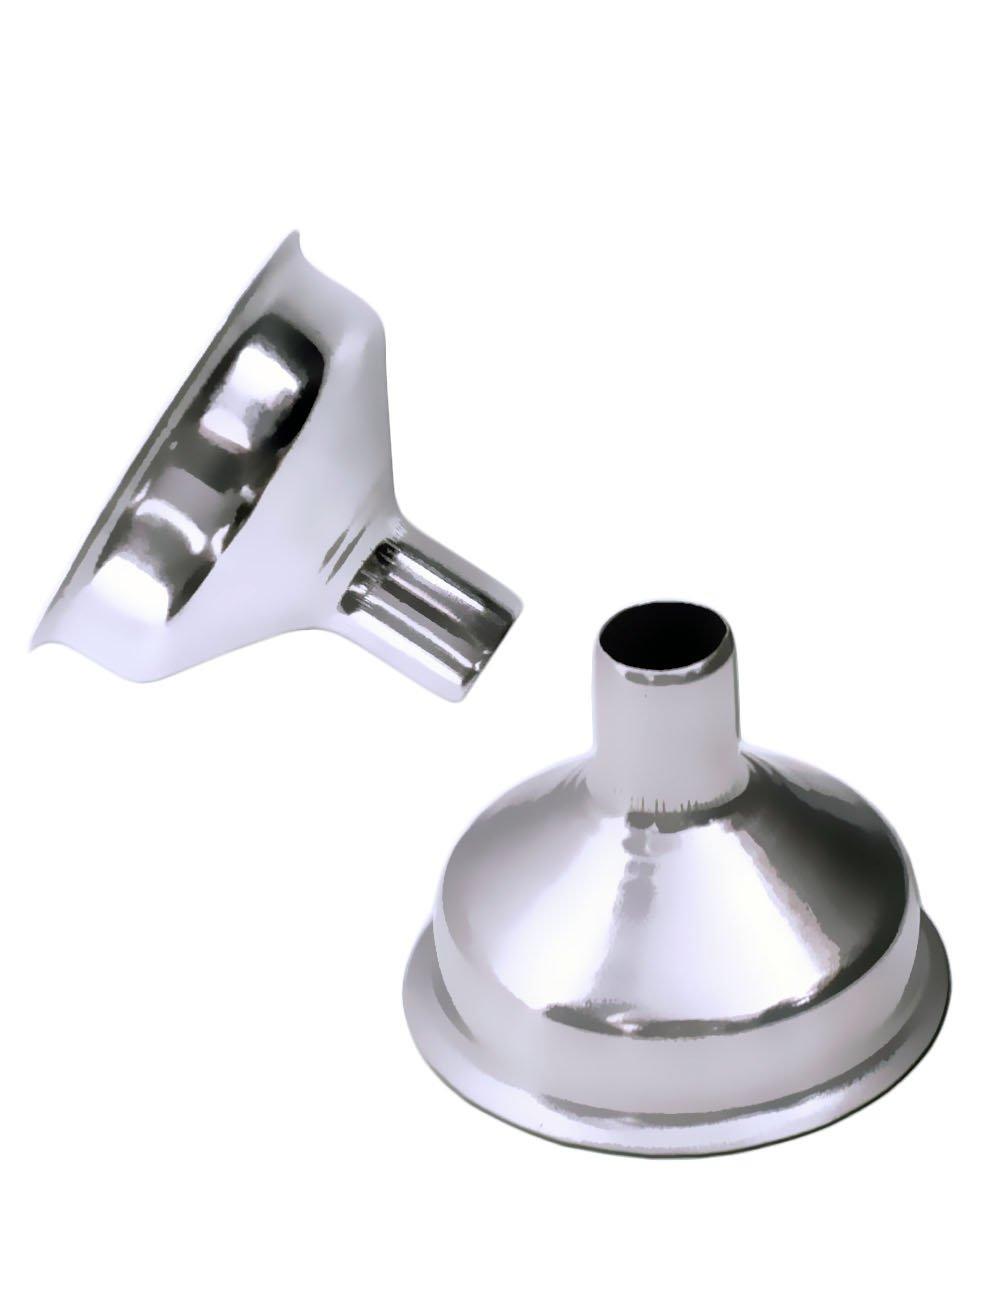 Leder-Tasche 6-Teiliges Edelstahl Trink-Becher Set Outdoor Saxx/® ideales Flachmann-Zubeh/ör 4 Schnaps-Becher Einf/üll-Trichter